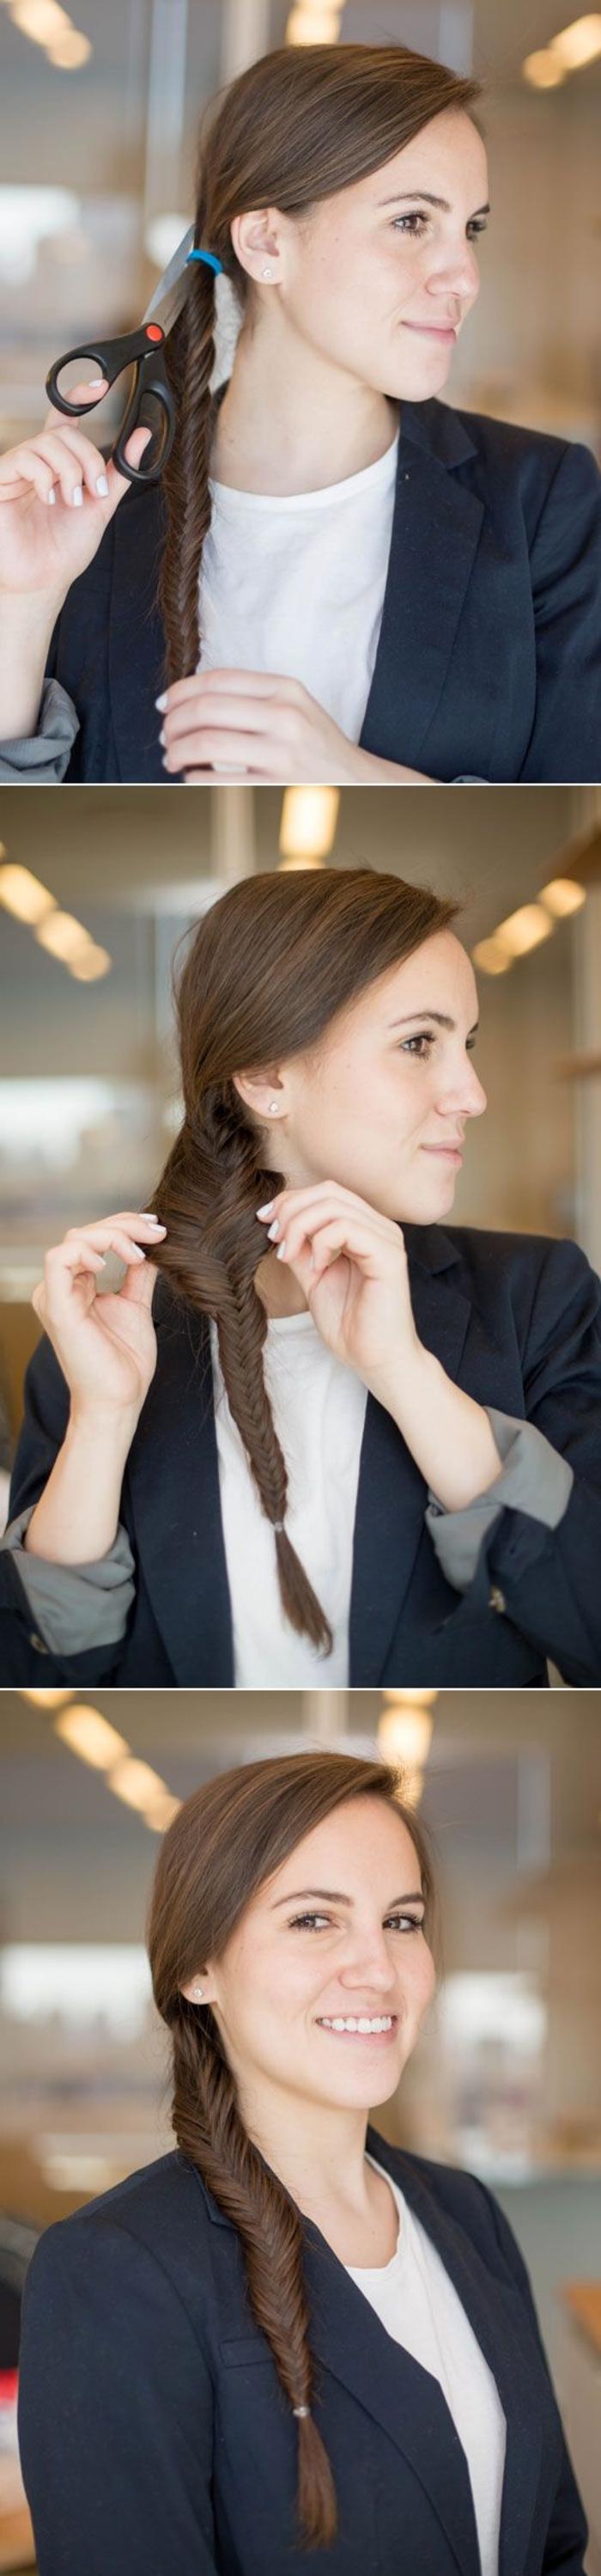 0-coiffure-de-soirée-facile-coiffure-a-faire-soi-meme-cheveux-marrons